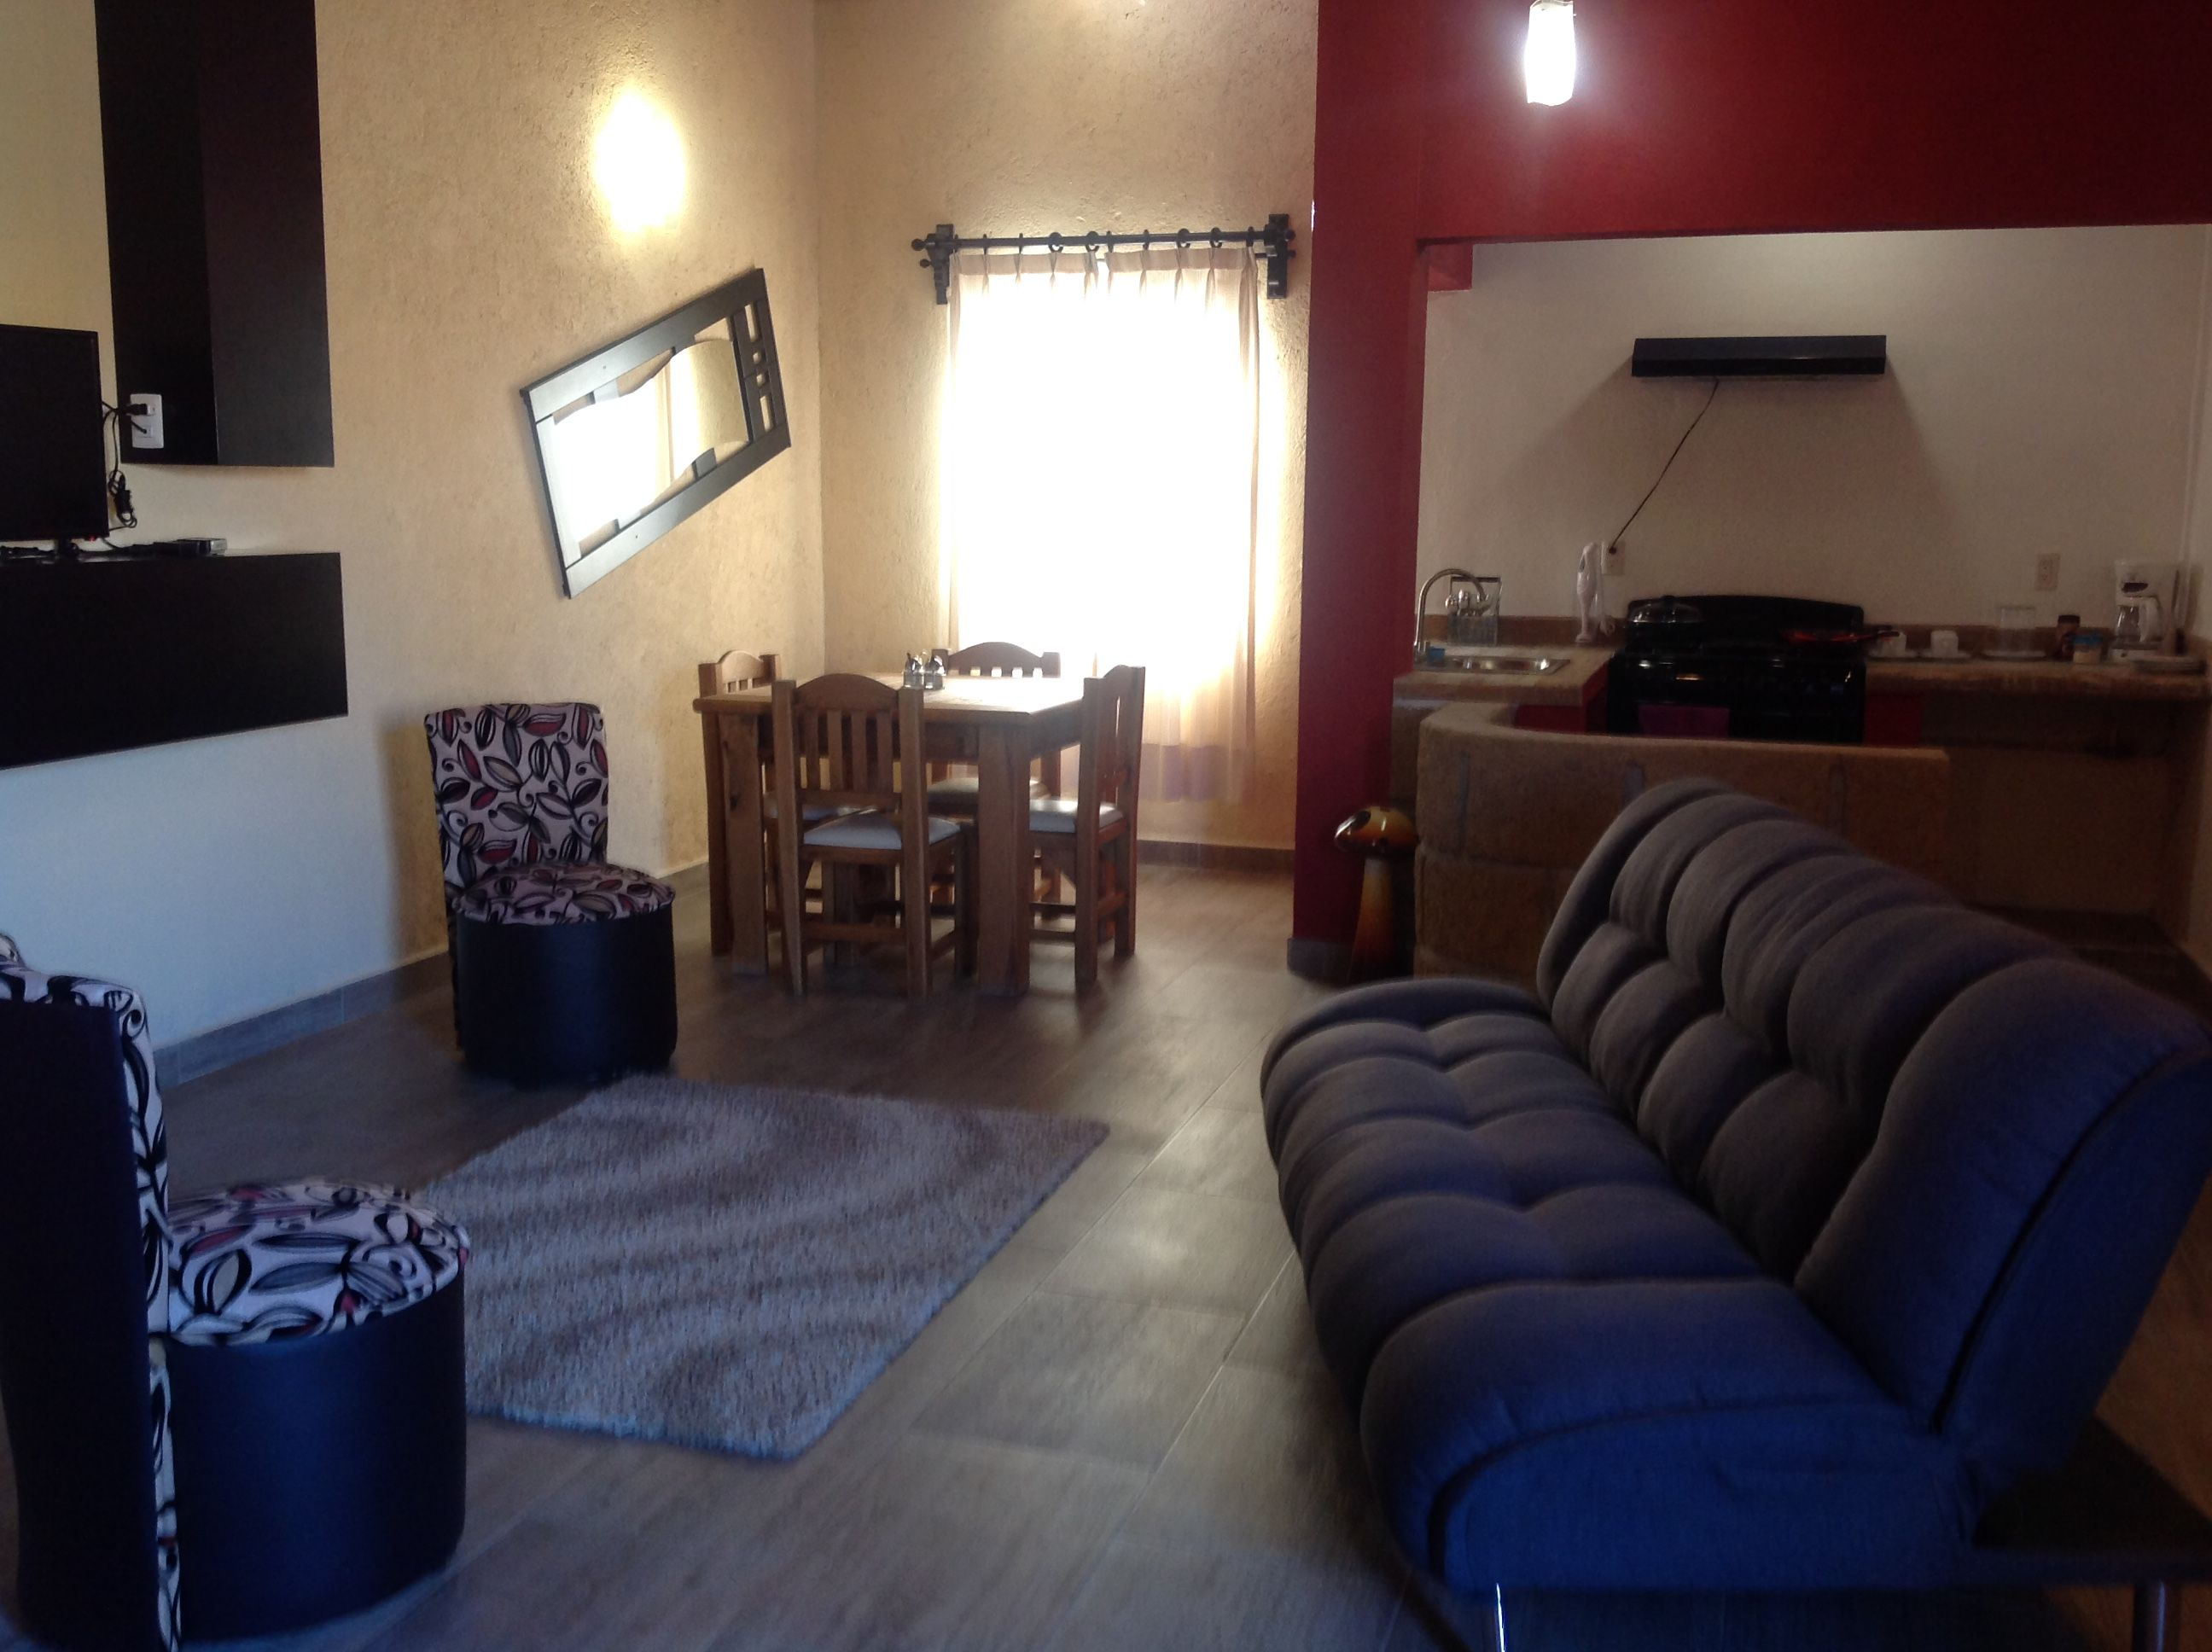 Estancia de la Suite de Lujo con sala comedor y cocina